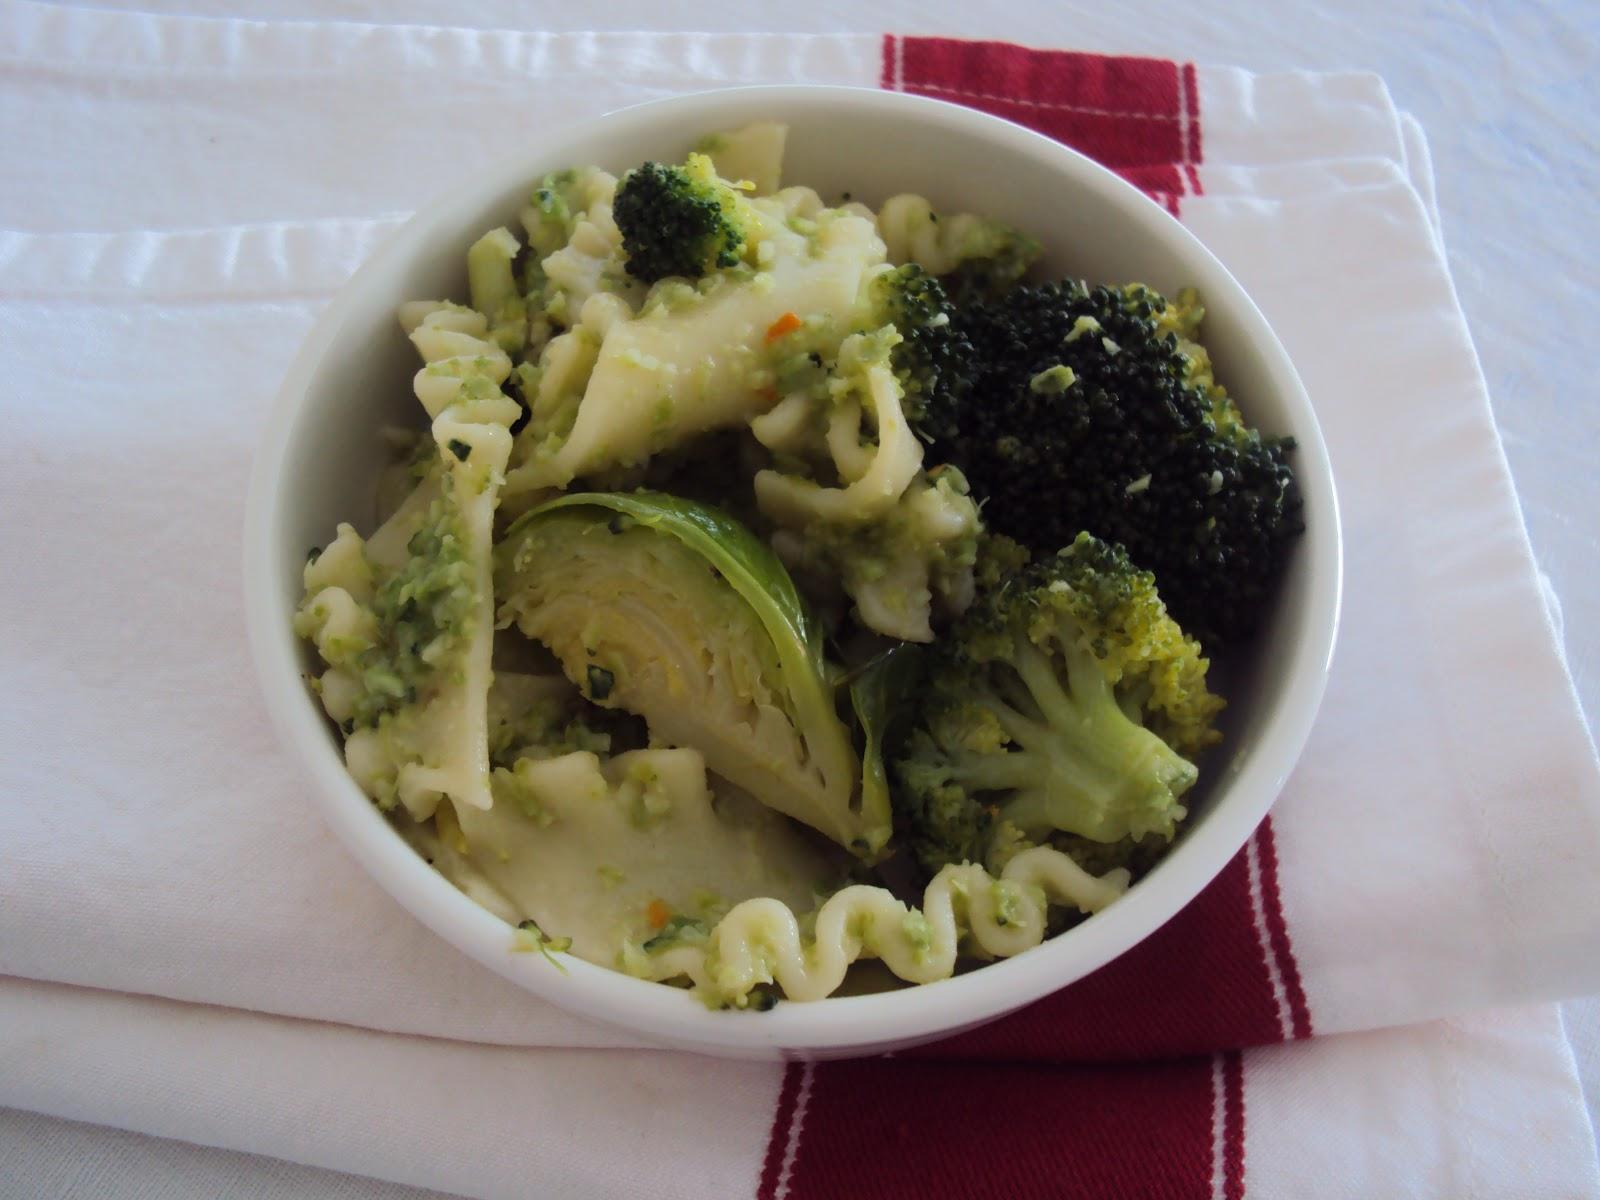 dig in jamie oliver 39 s broccoli pasta sort of. Black Bedroom Furniture Sets. Home Design Ideas